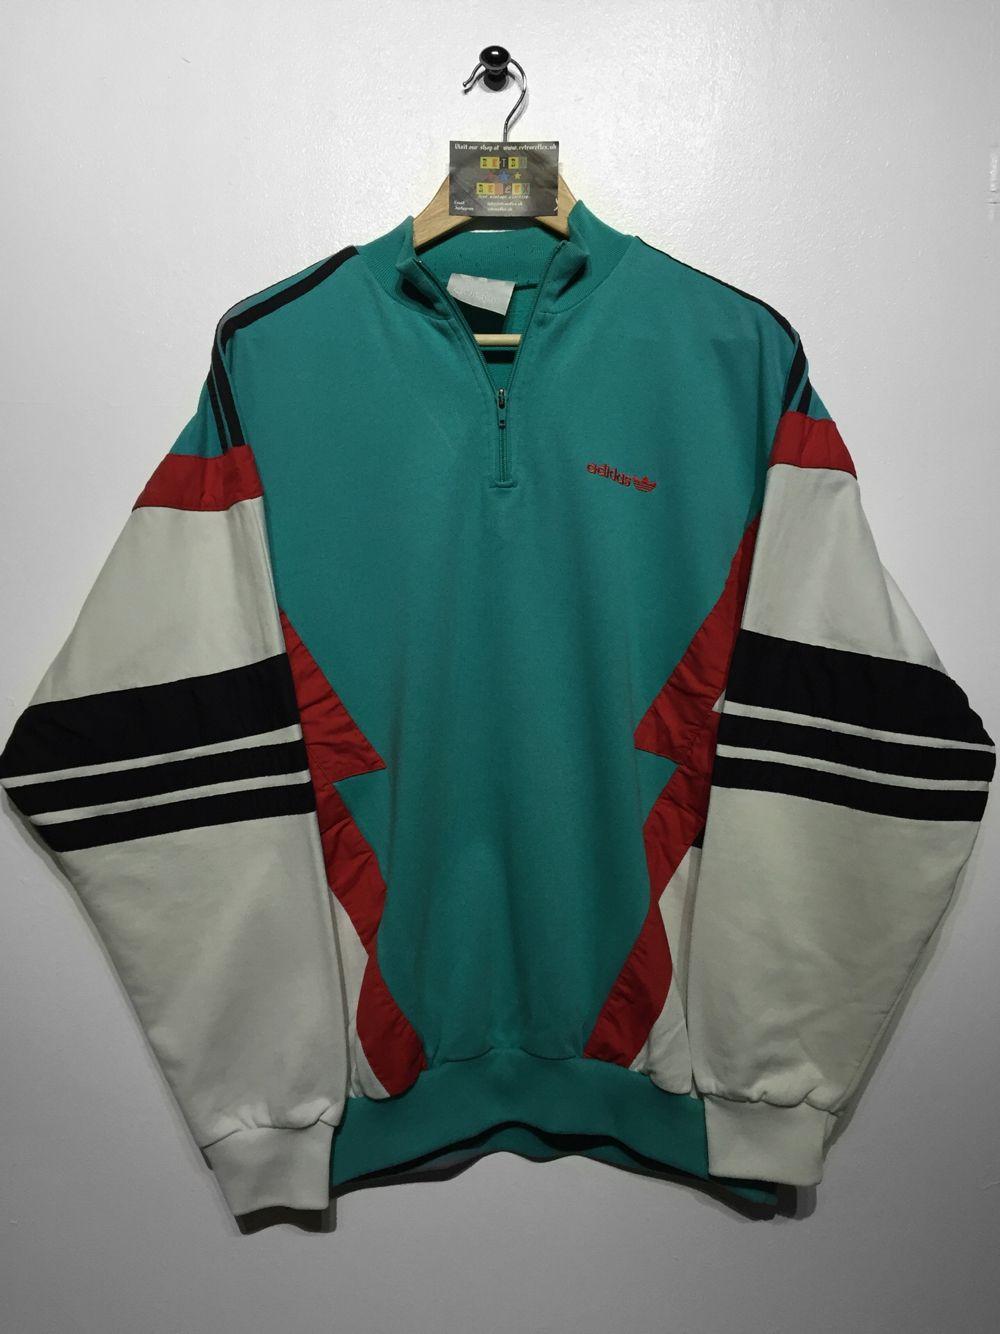 Adidas sweatshirt Size Large (but fits oversized) £36